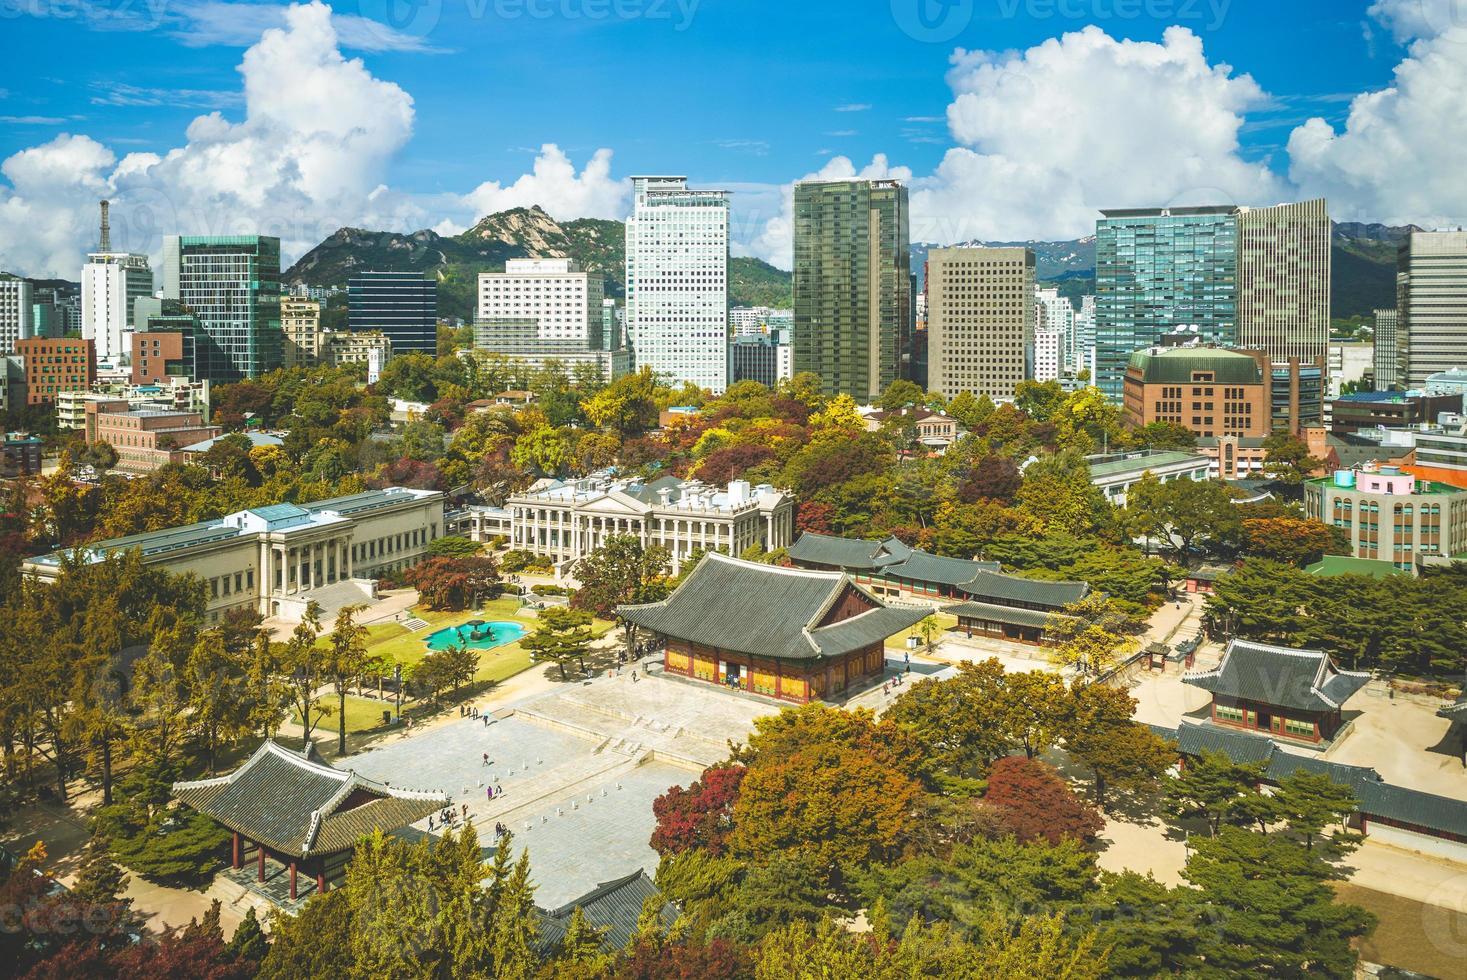 Palacio deoksugung, también conocido como palacio deoksu, en Seúl en Corea del Sur foto